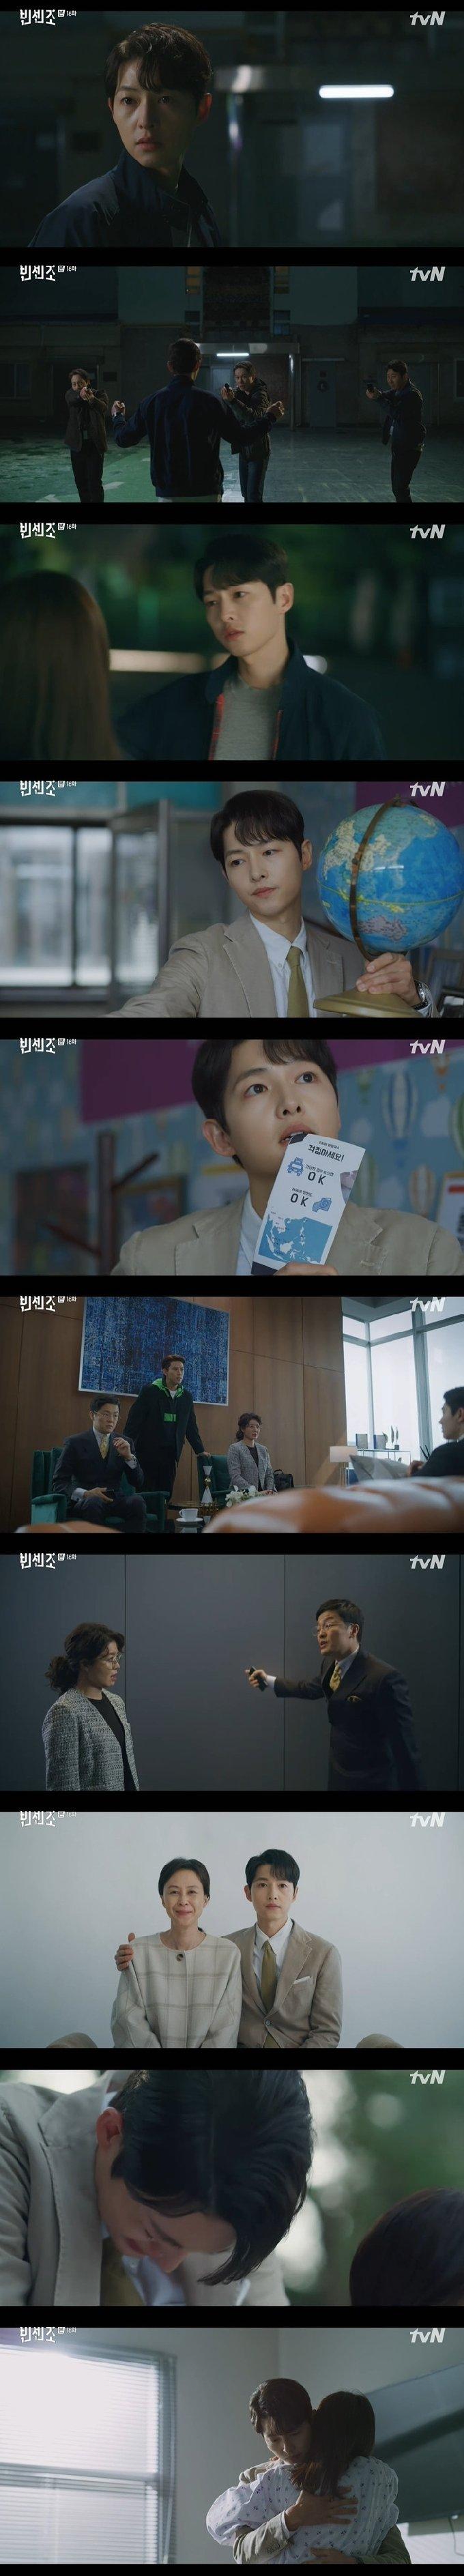 tvN 방송화면 갈무리 © 뉴스1